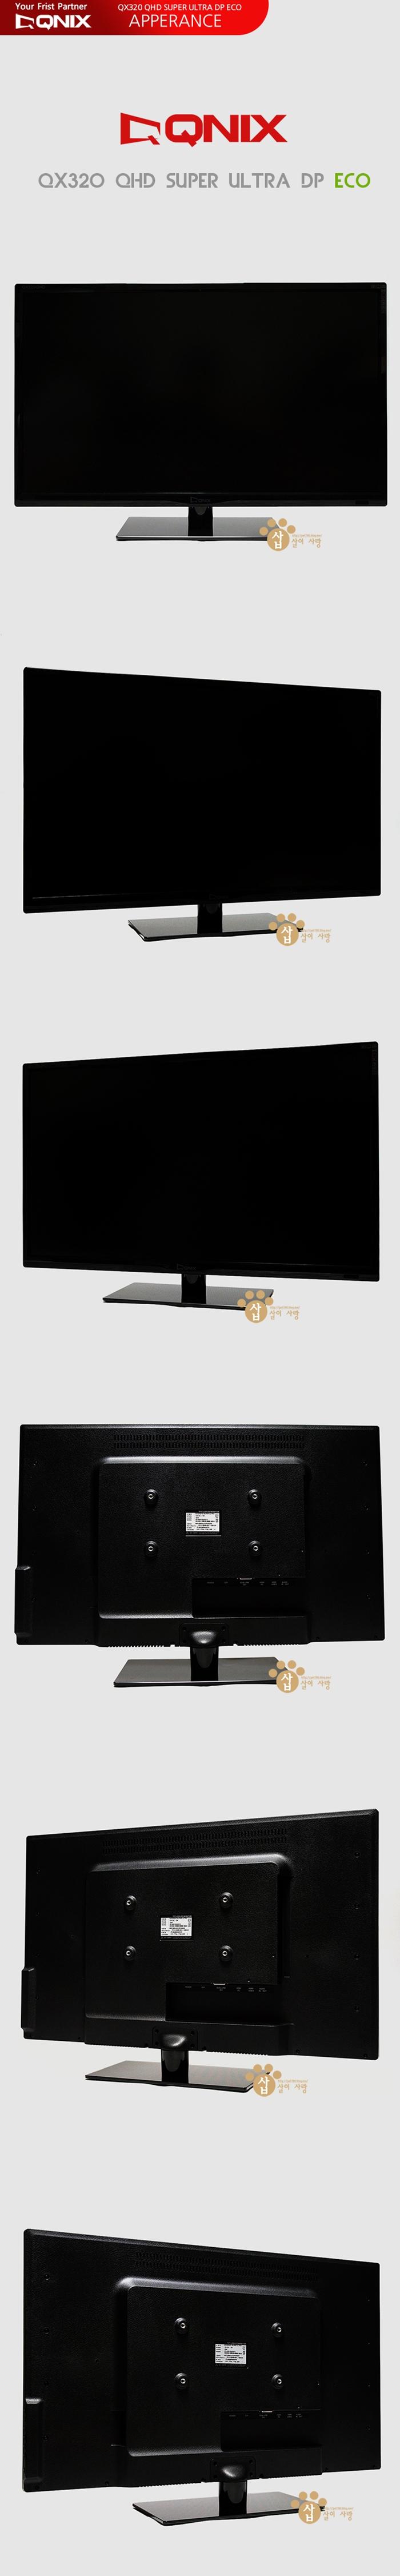 32인치 모니터 추천 외형 경성GK QX320QHD 슈퍼 울트라 DP ECO.jpg